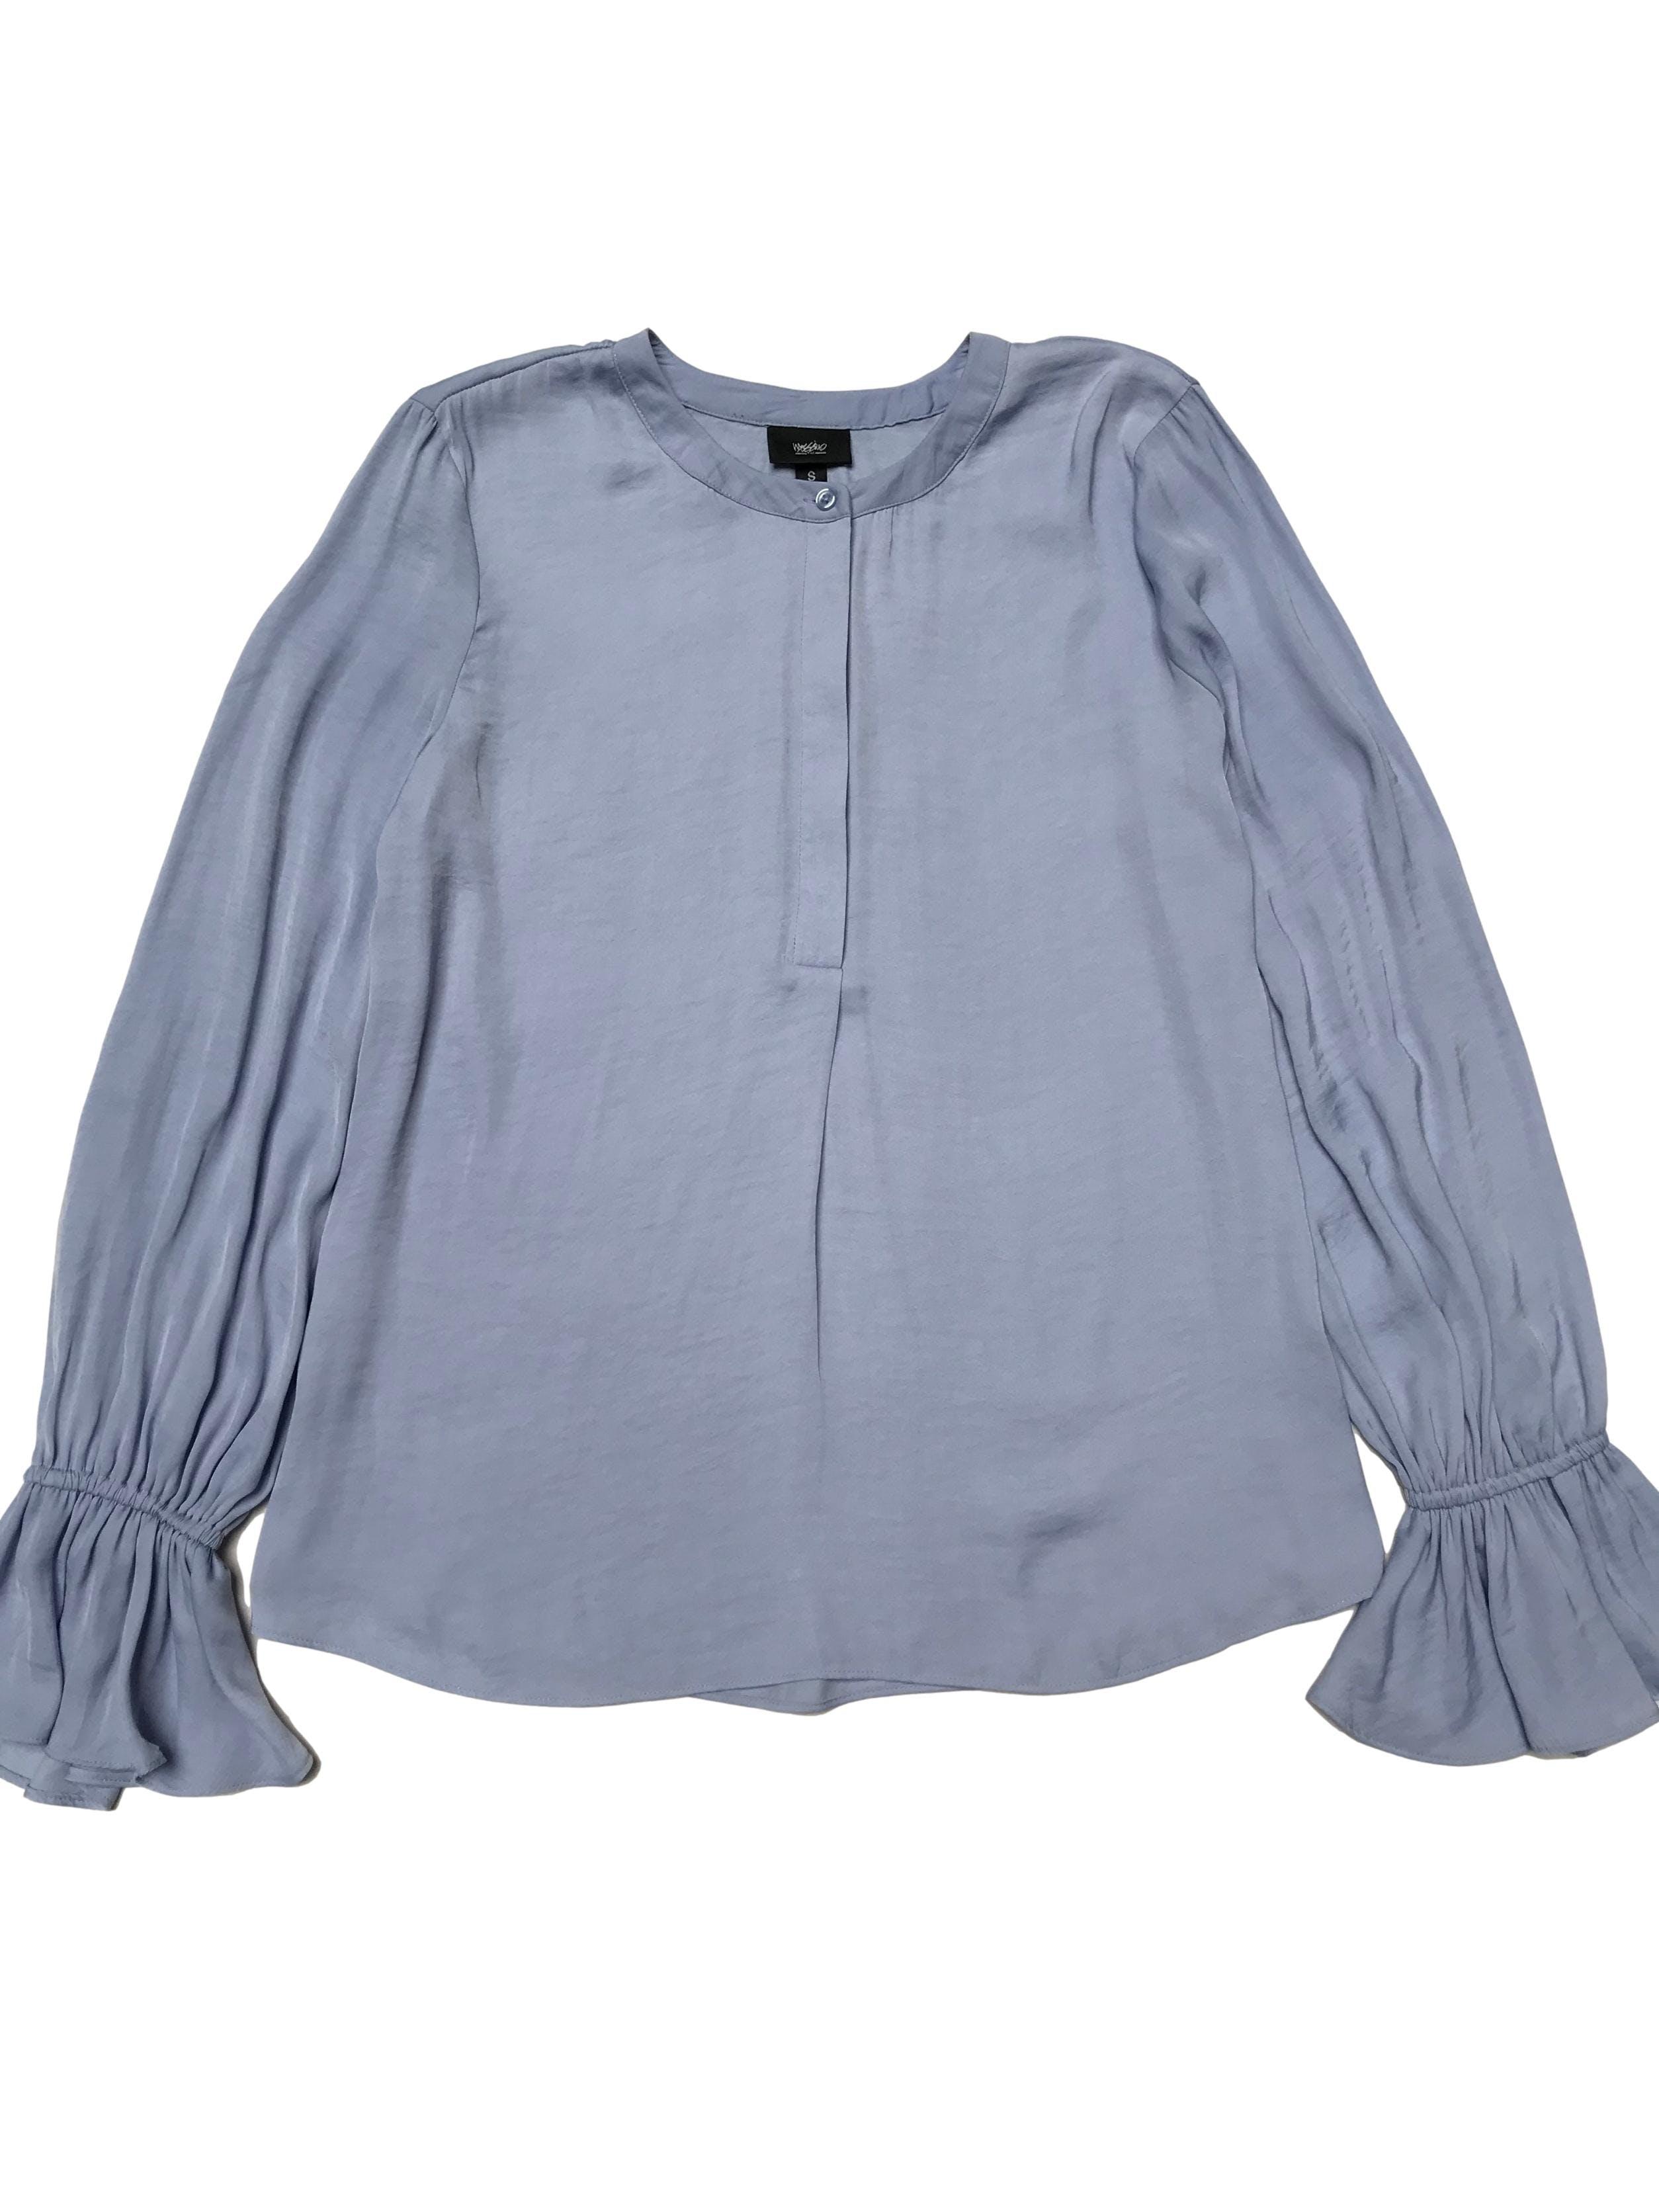 Blusa Mossimo azul cielo tipo seda con botones en el pecho y volantes el puños